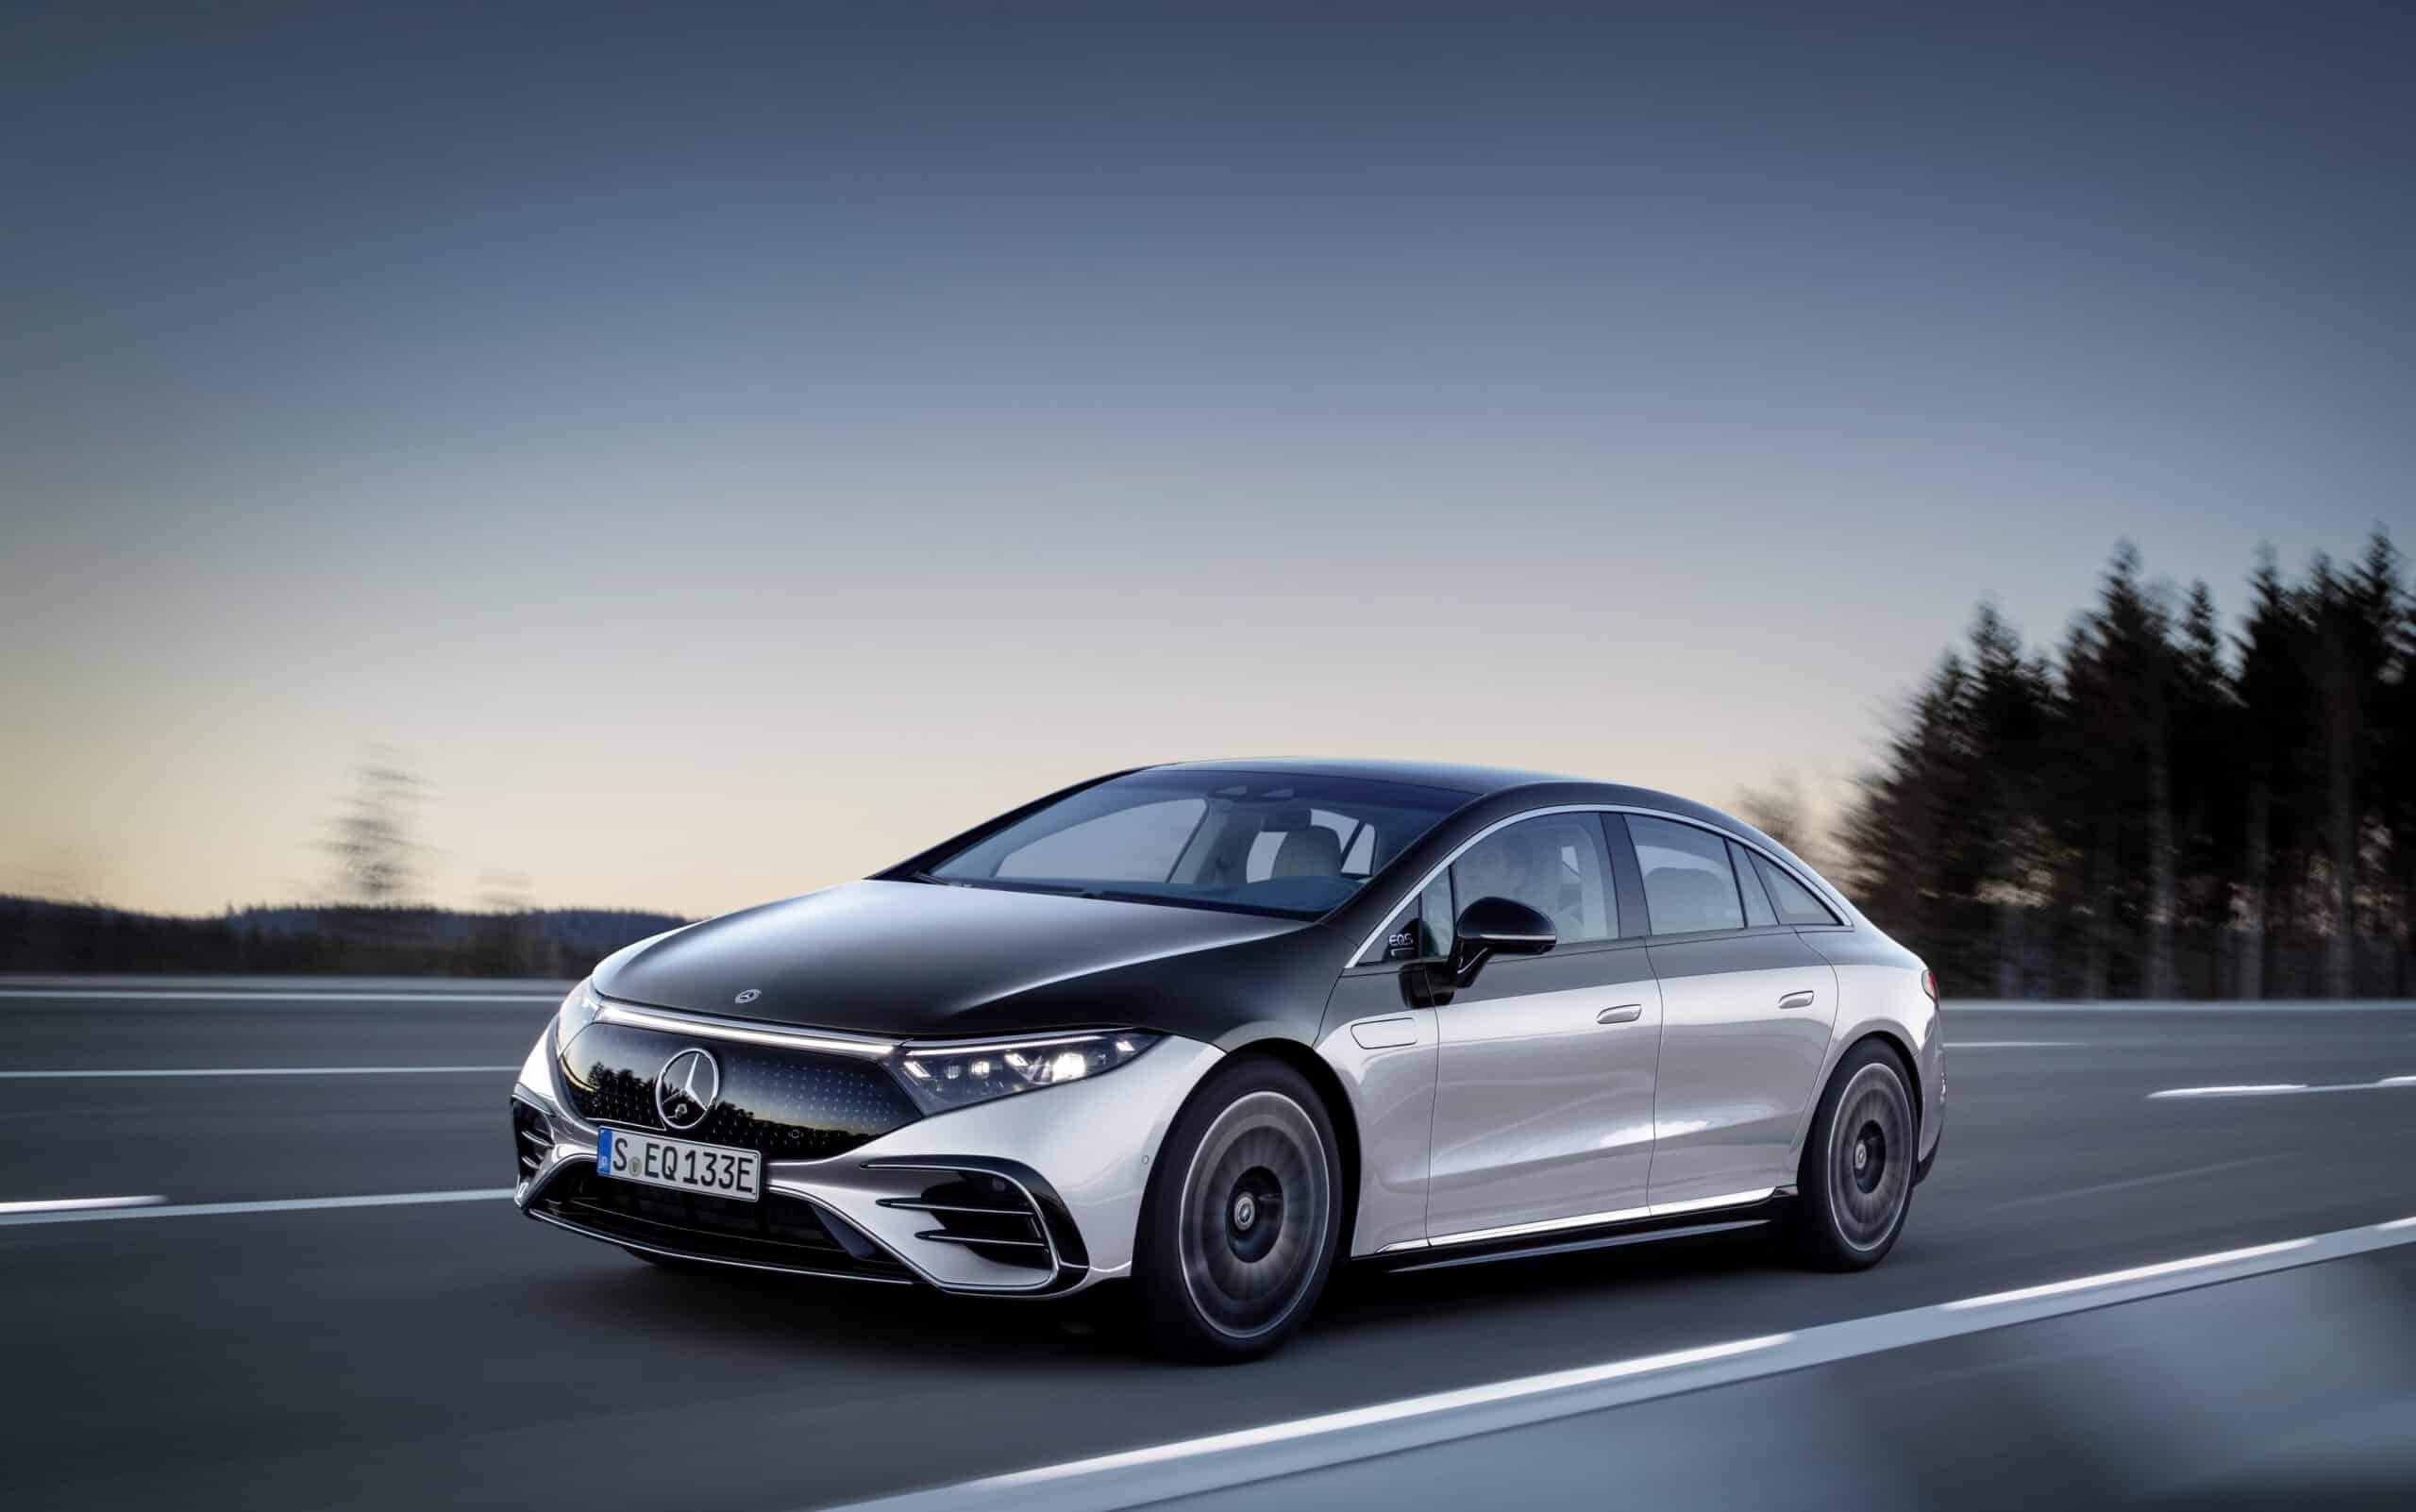 ¿Por qué EQS es el auto más avanzado de Mercedes-Benz? Llegará a finales de 2021